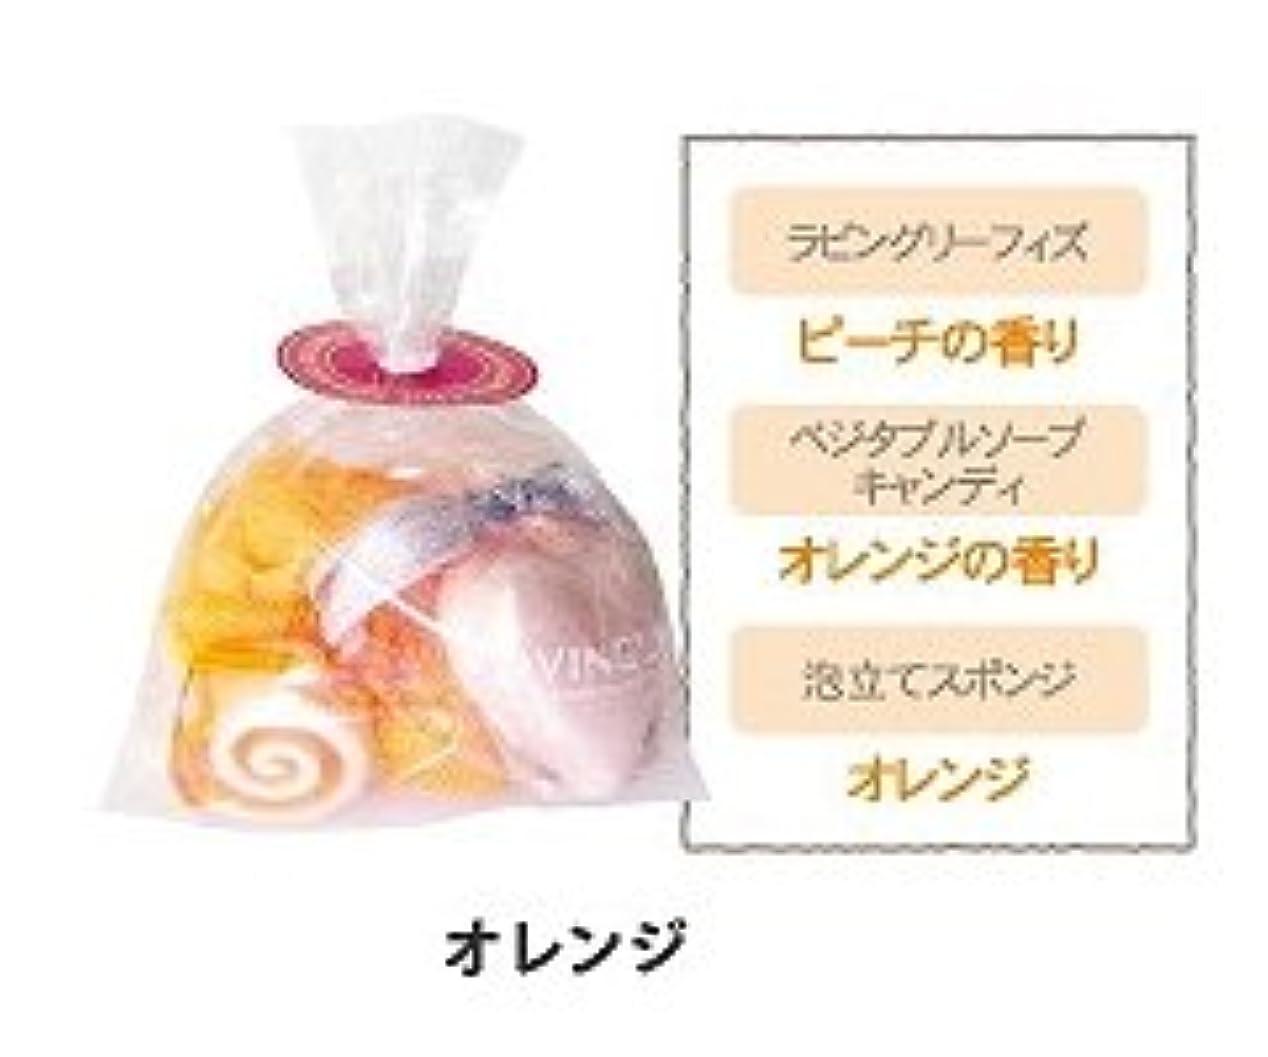 現れる報告書不信カラフルキャンディ バスバッグ オレンジ 12個セット